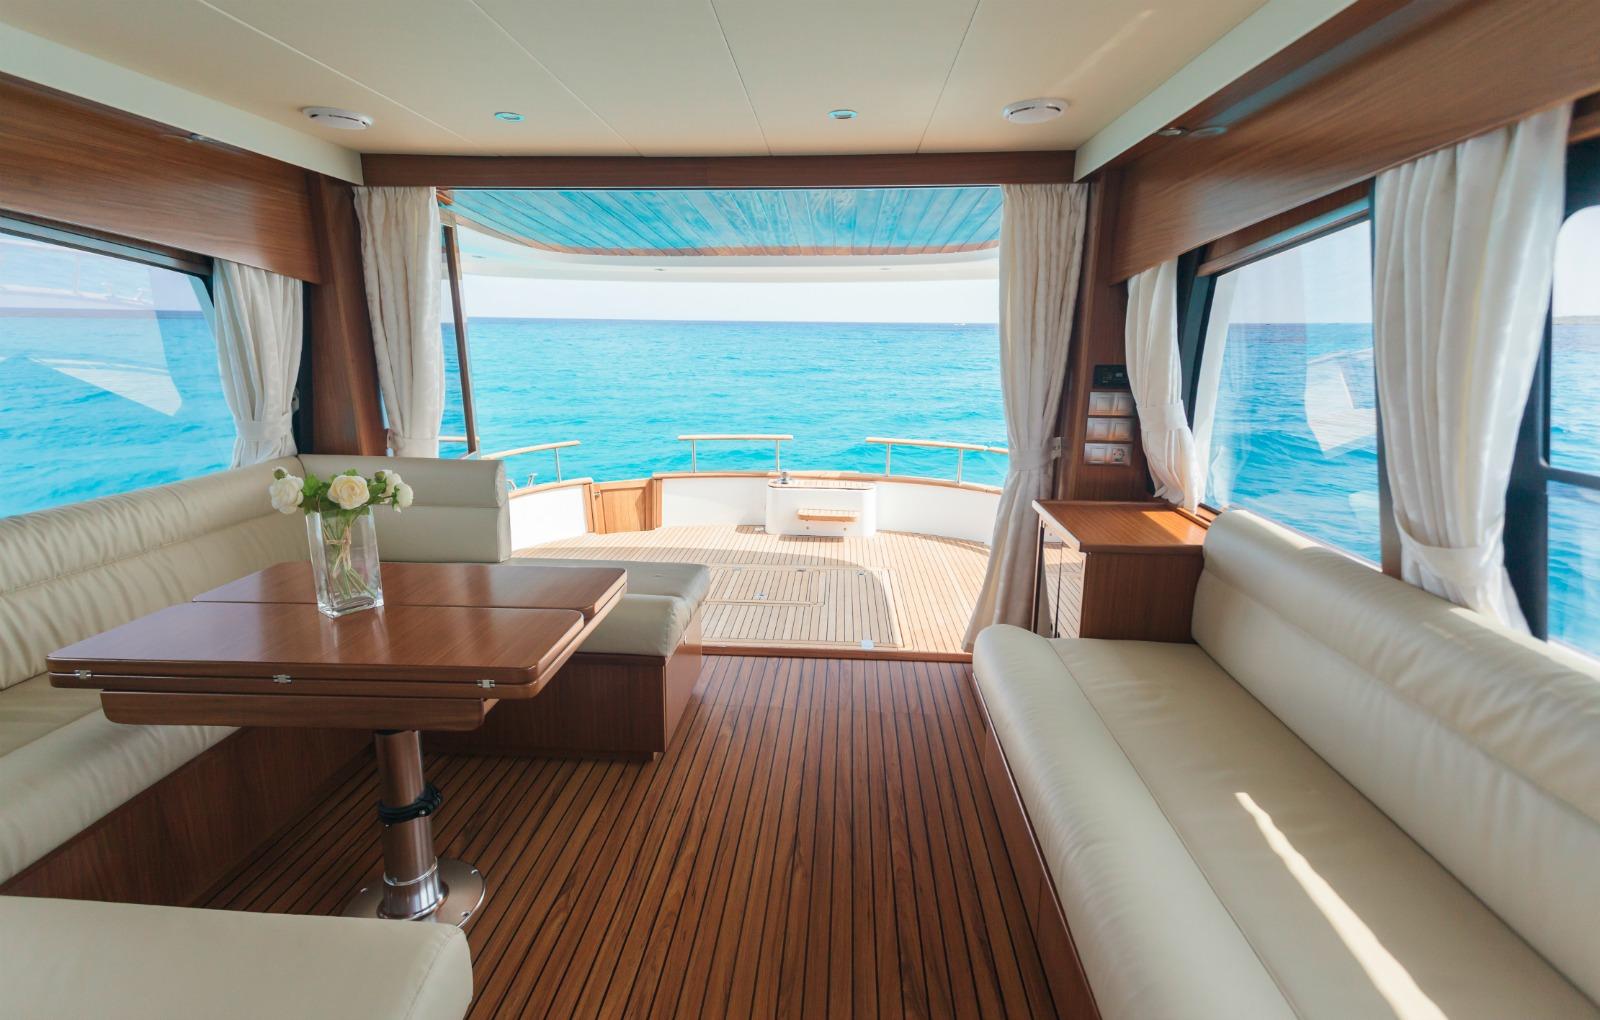 Minorca Islander 54 flybridge yacht for sale